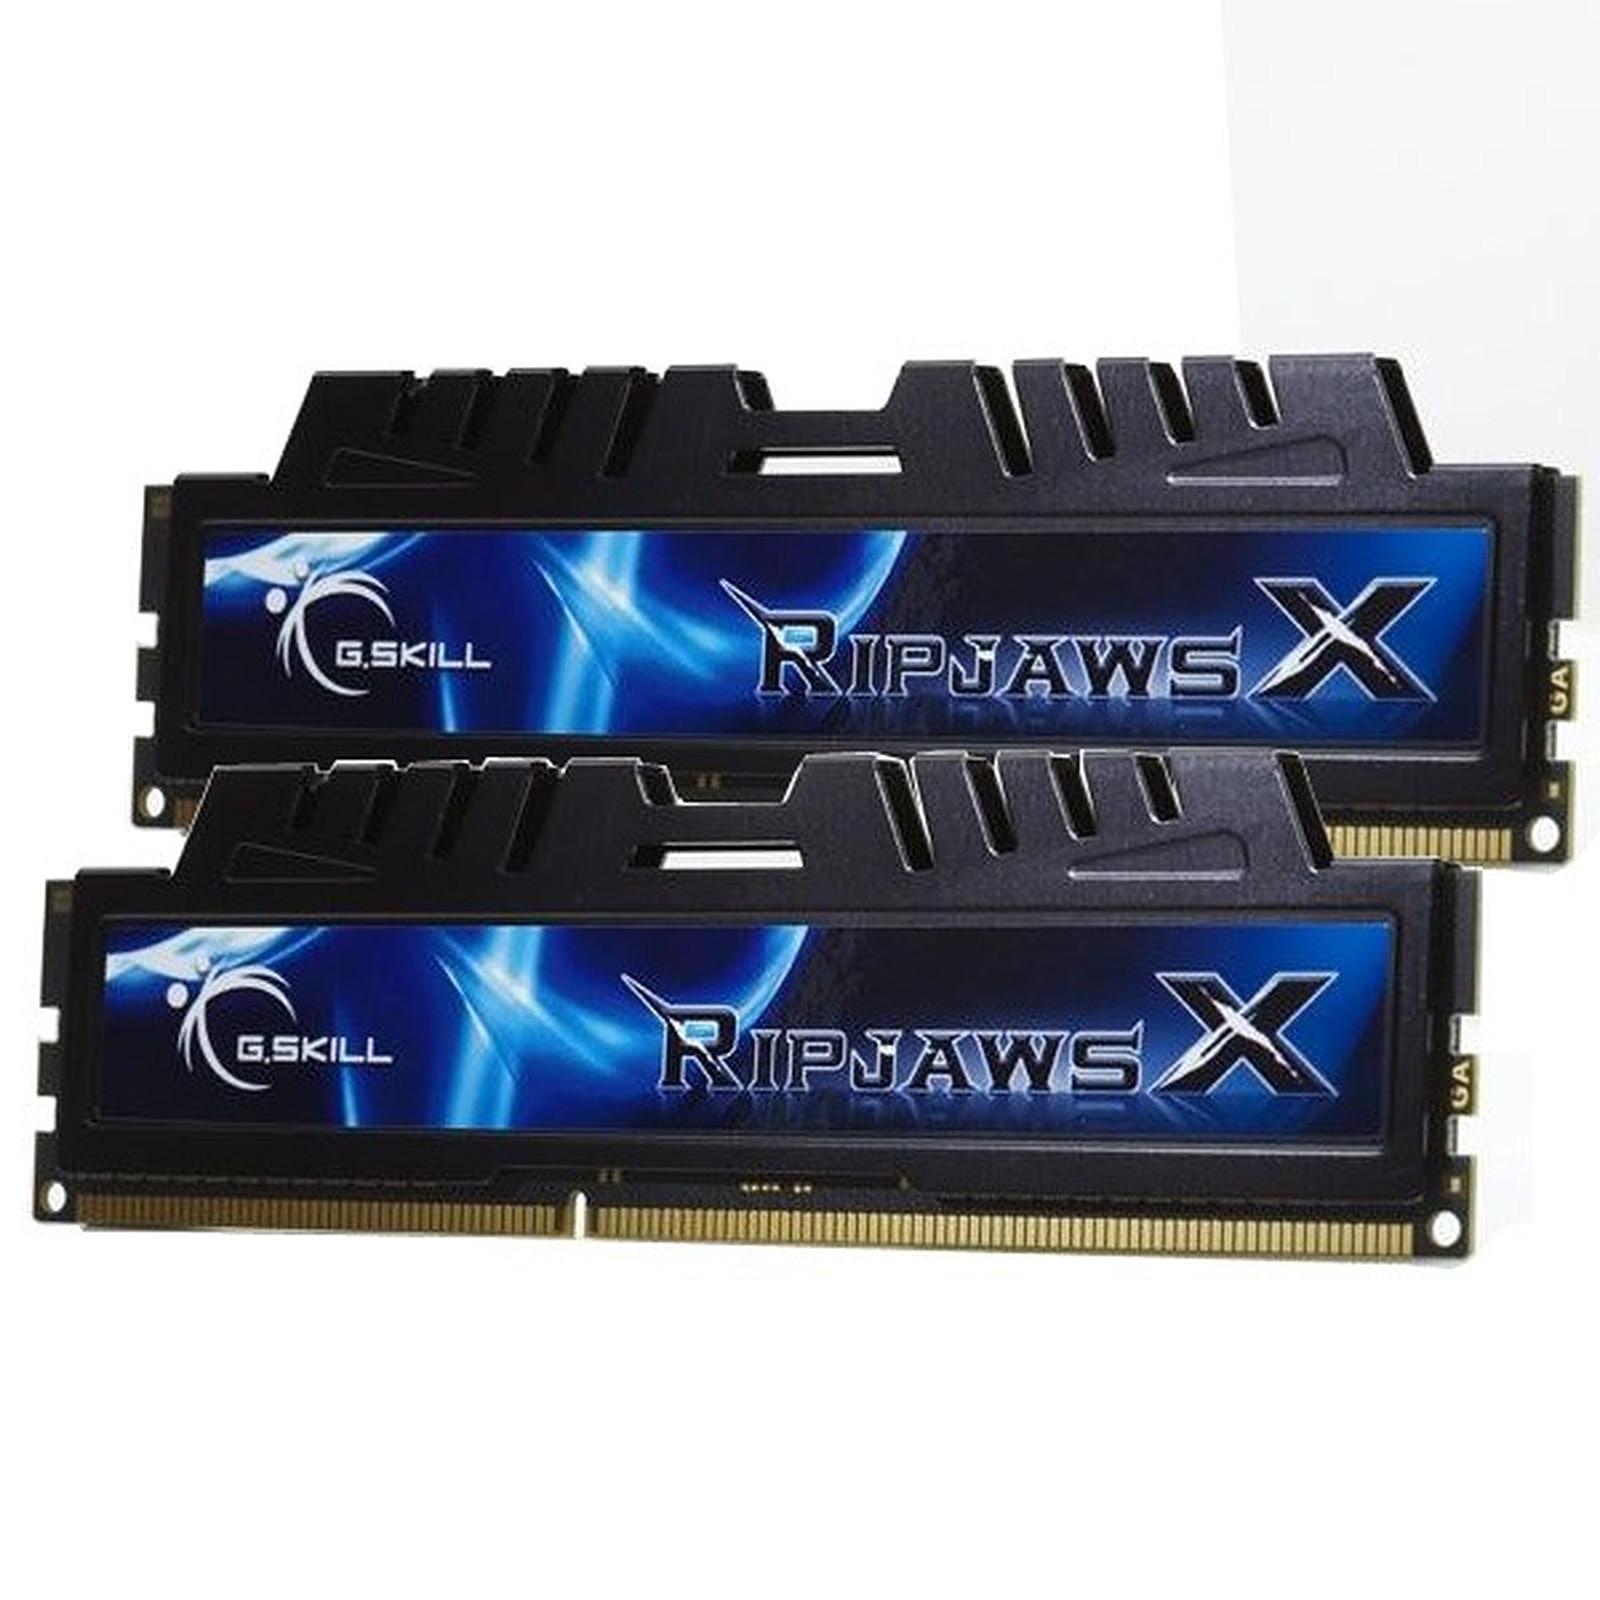 G.Skill XH Series RipJaws X Series 8 Go (kit 2x 4 Go) DDR3 1333 MHz